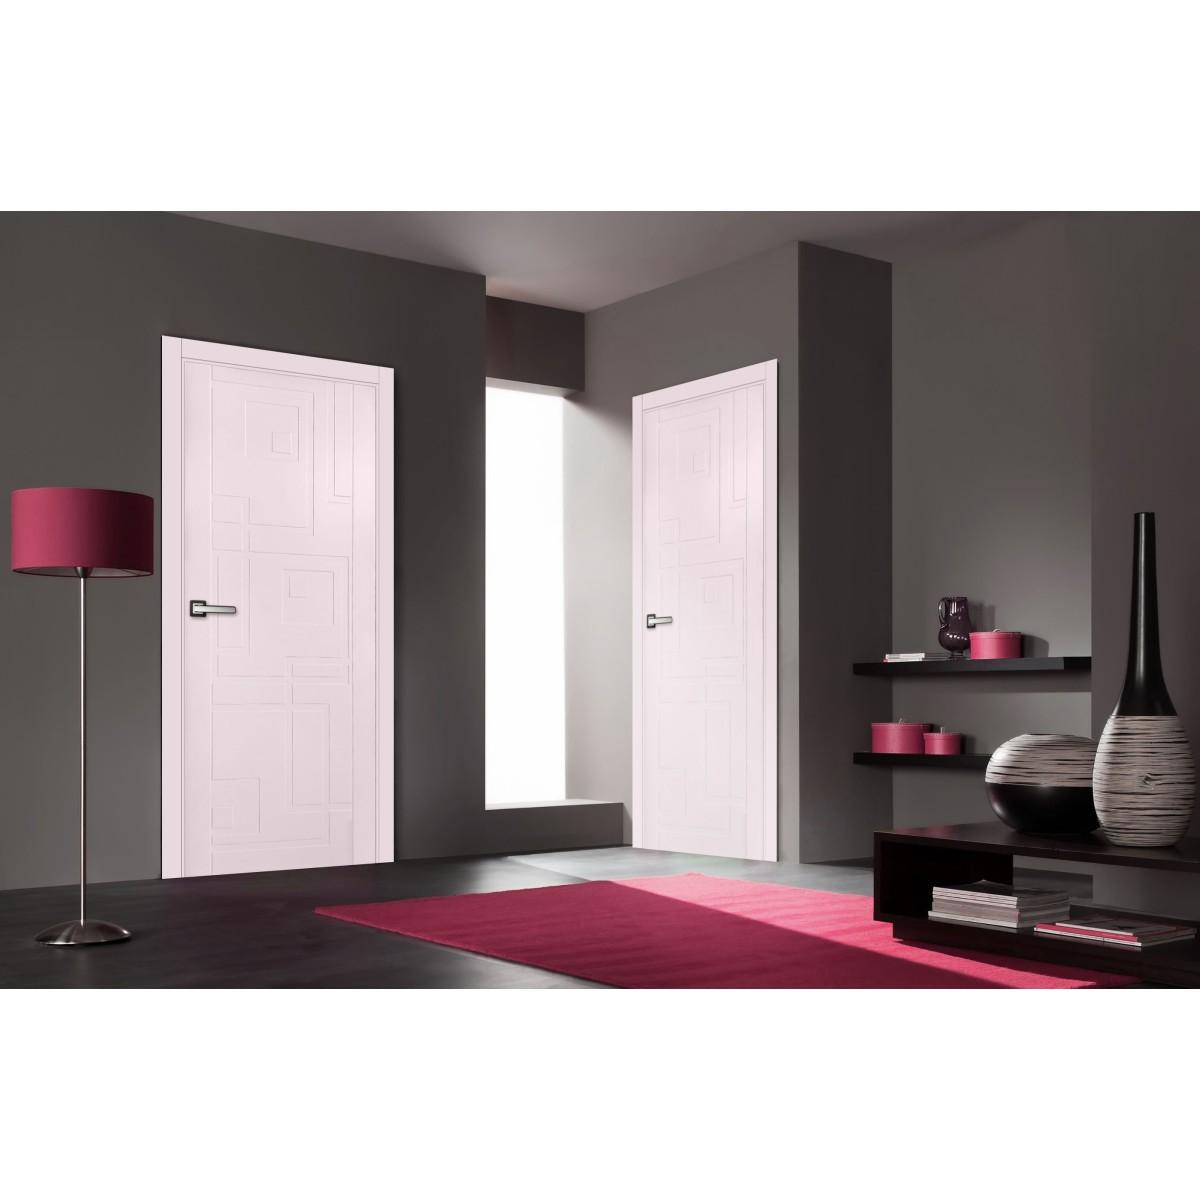 Дверь Межкомнатная Глухая Верде 200x80 Эмаль Цвет Розовый С Фурнитурой